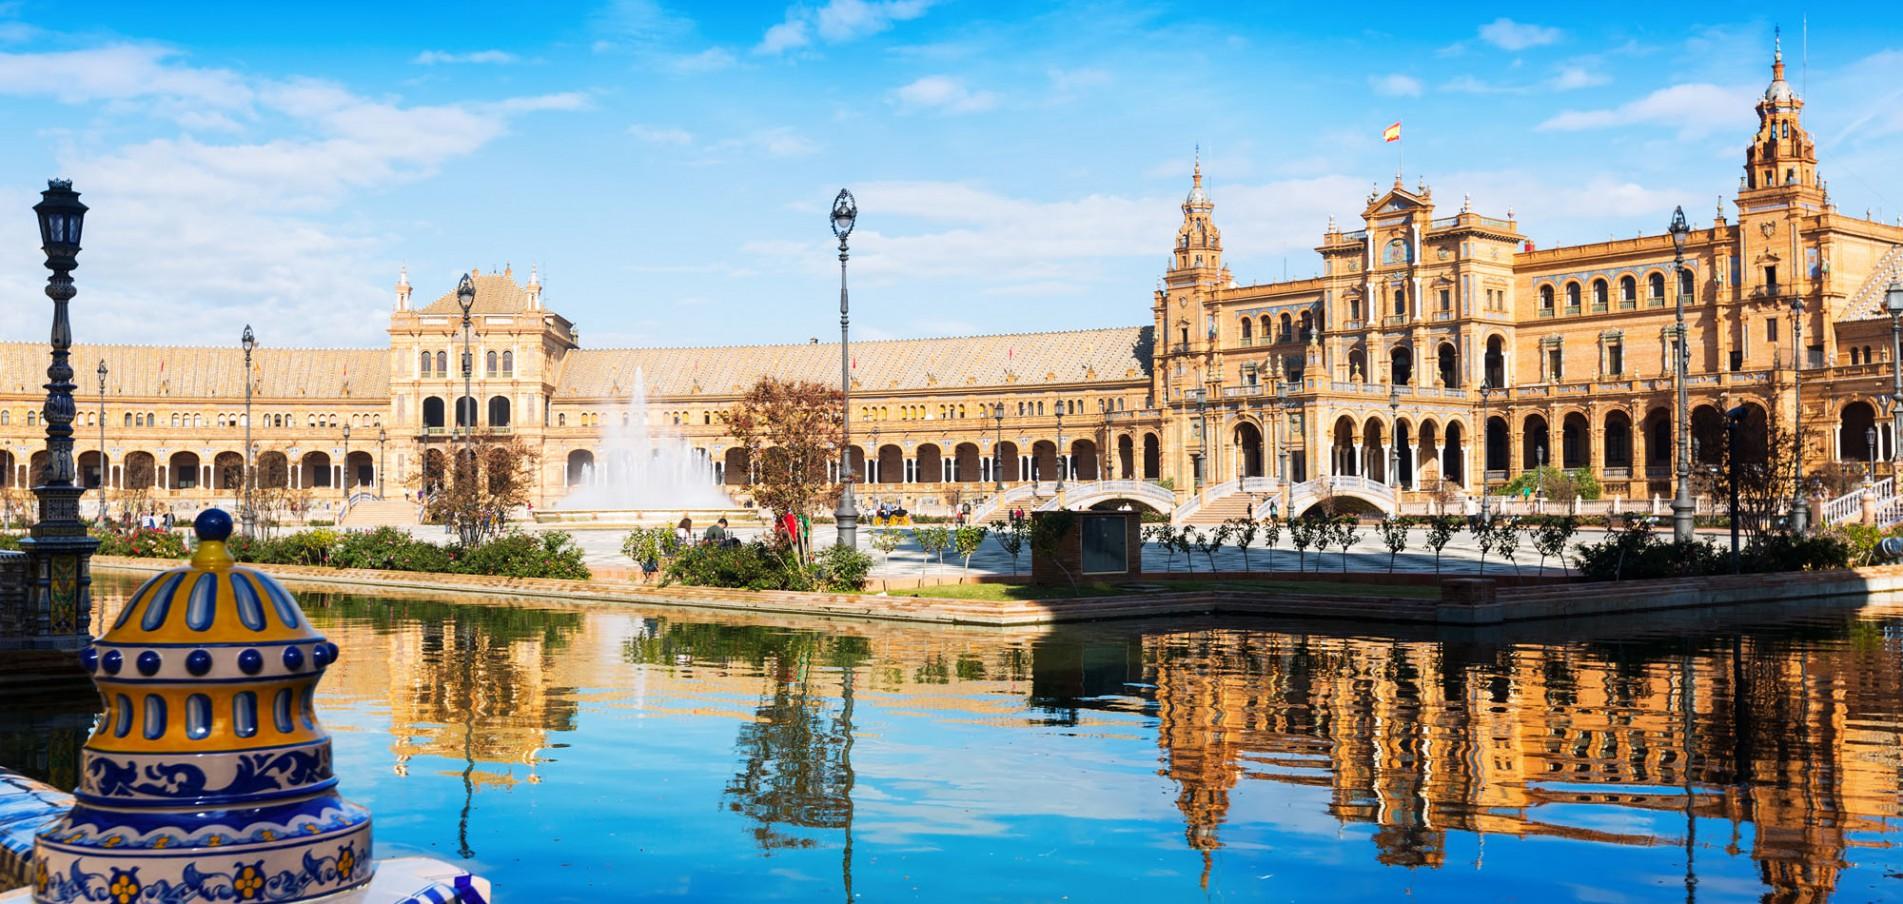 Willkommen in Sevilla ... im feurigen Andalusien.